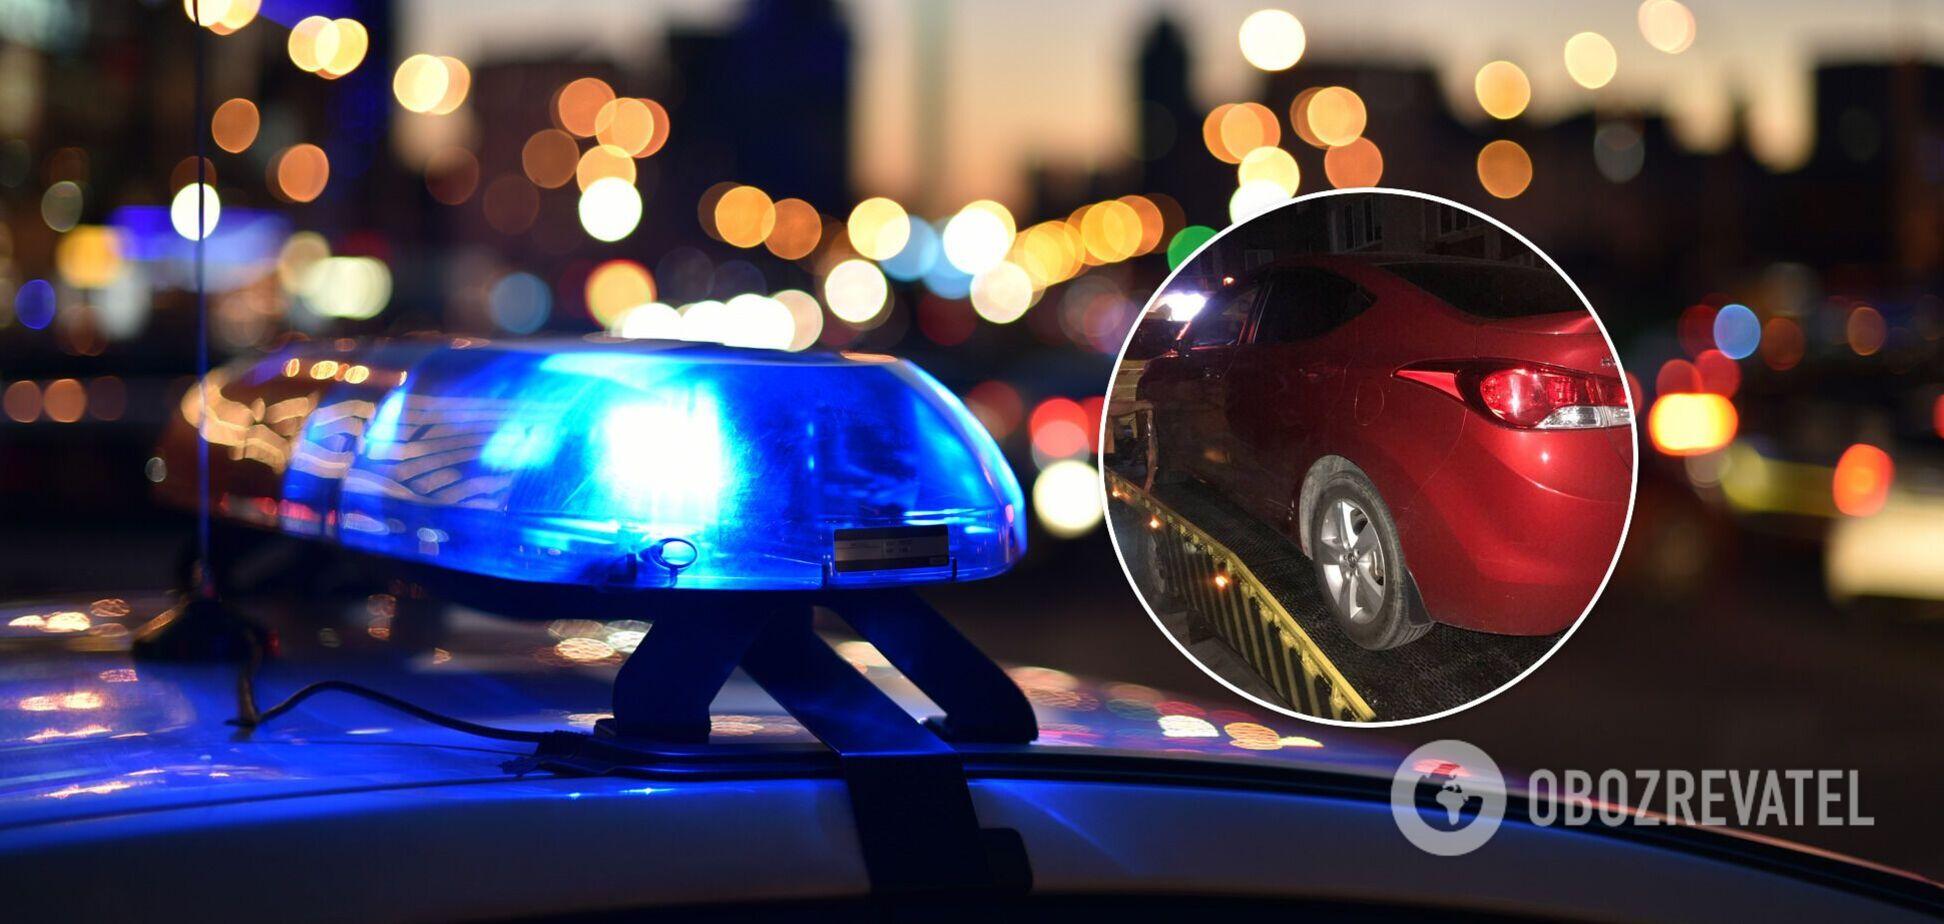 У гражданки изъяли права и забрали авто на штрафплощадку